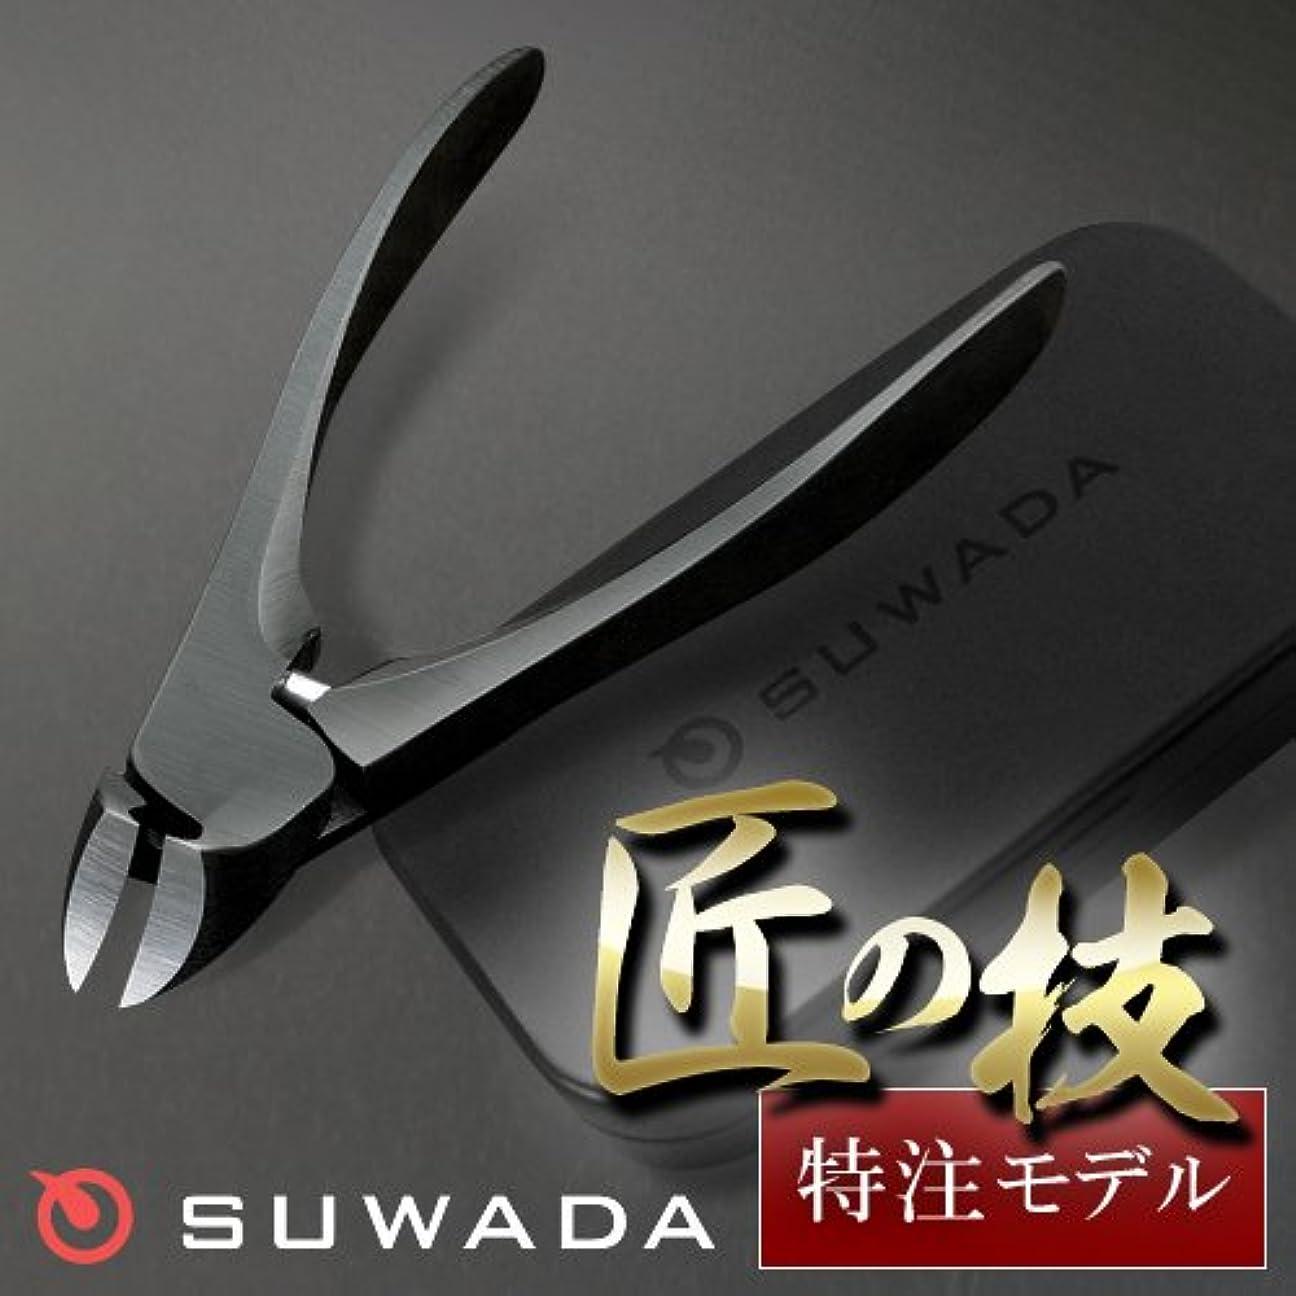 彼は台無しにハーブSUWADA爪切りブラックL&メタルケースセット 特注モデル 諏訪田製作所製 スワダの爪切り